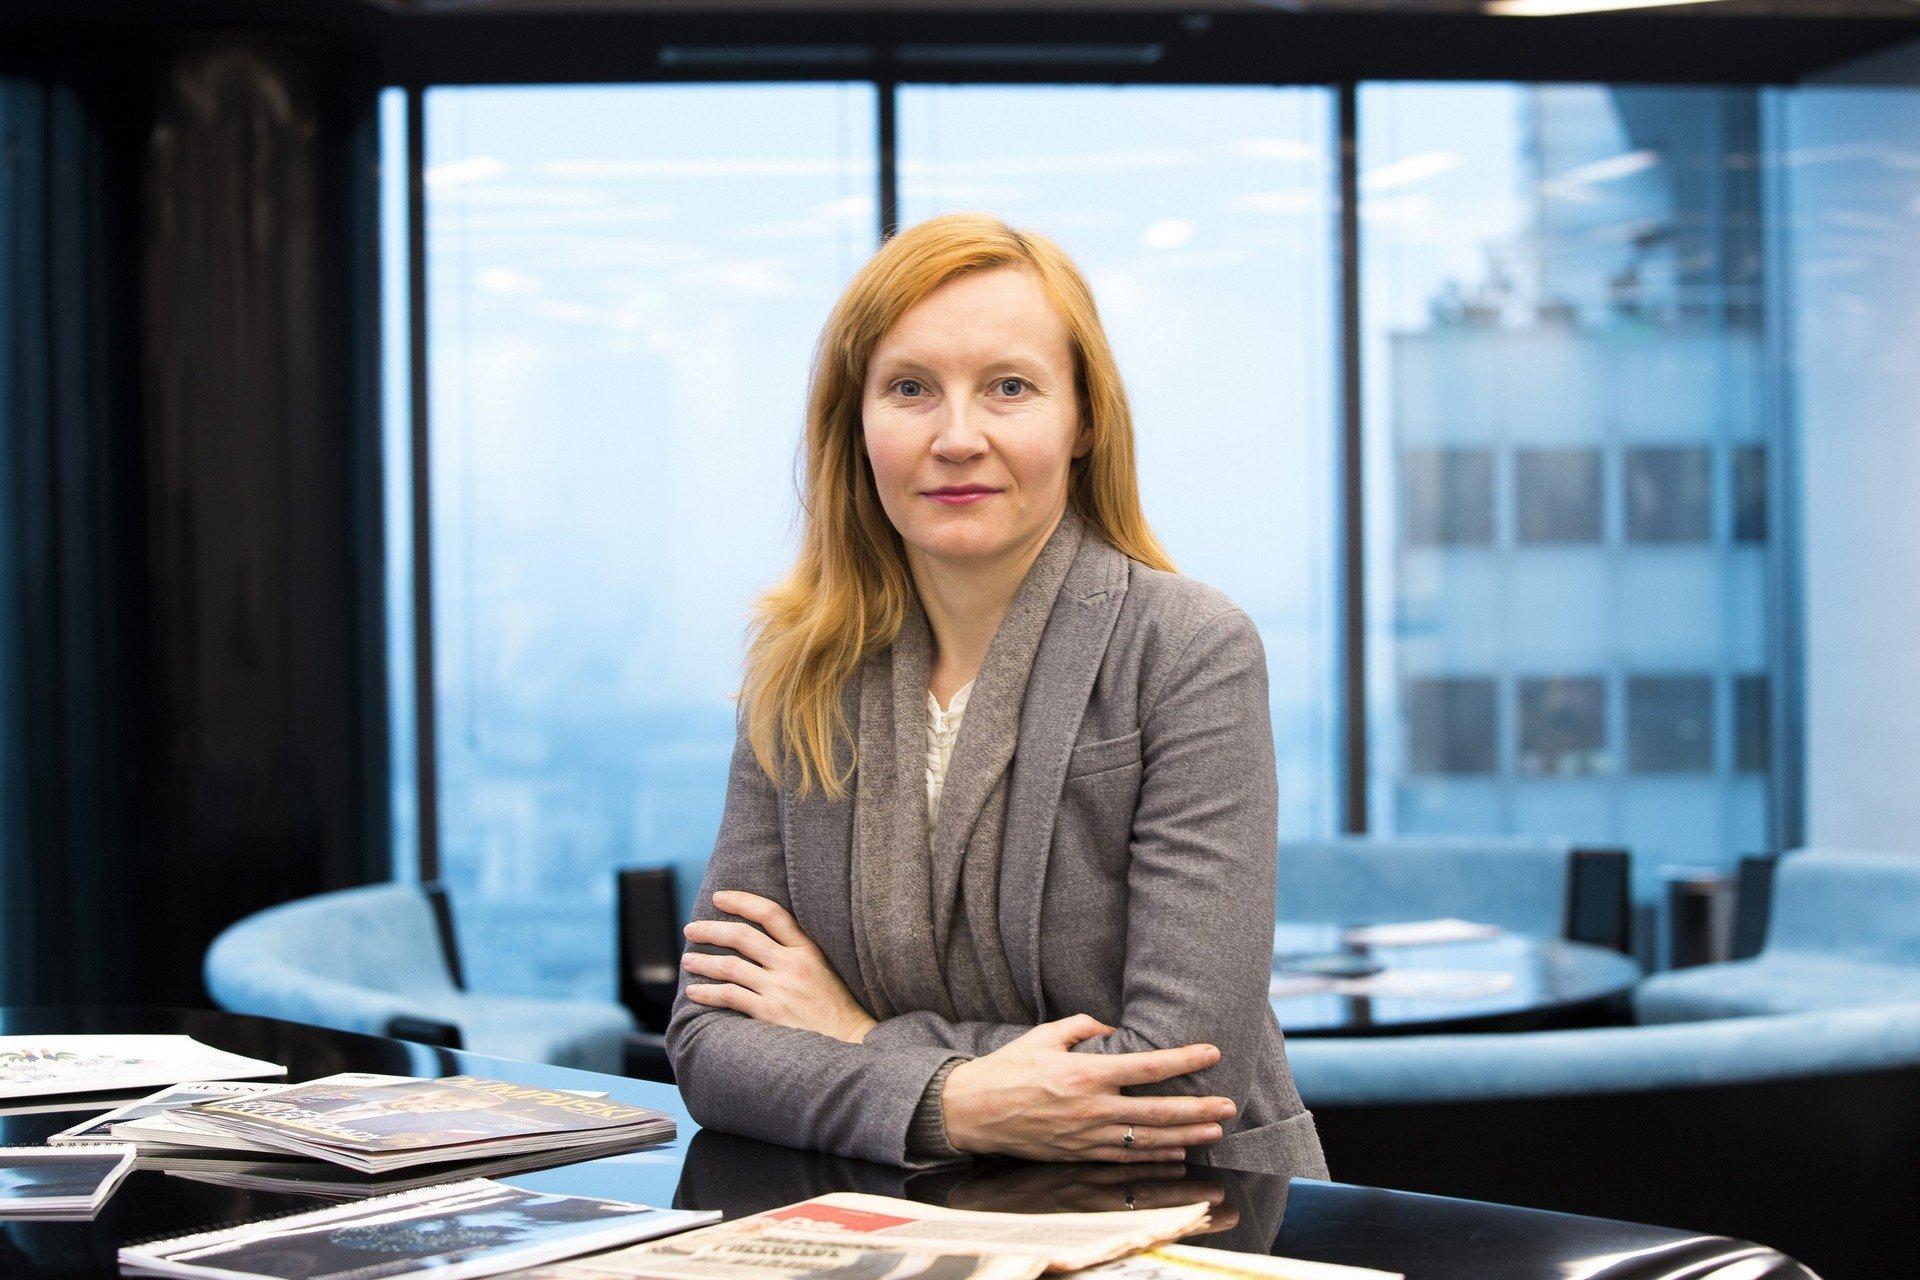 Agnieszka Janulewicz wzmacnia zespół Experience Design w Deloitte Digital